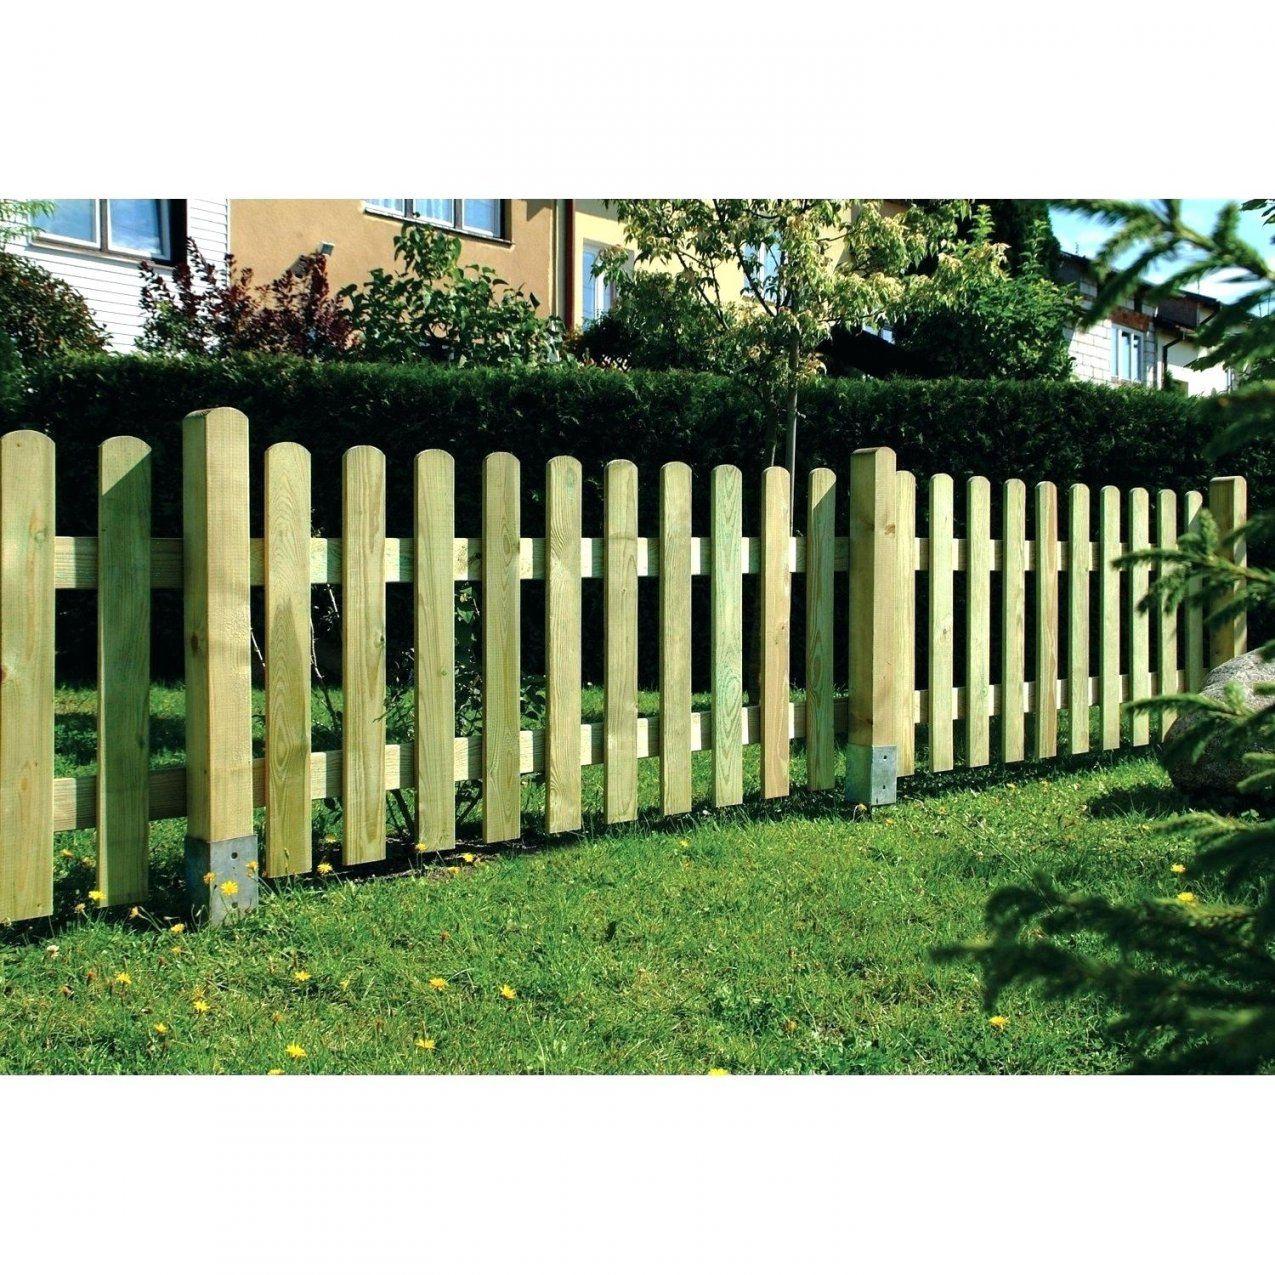 Selbstbauzaune Zaun Selber Bauen Seiler Zaun Design Von Gartenzaun